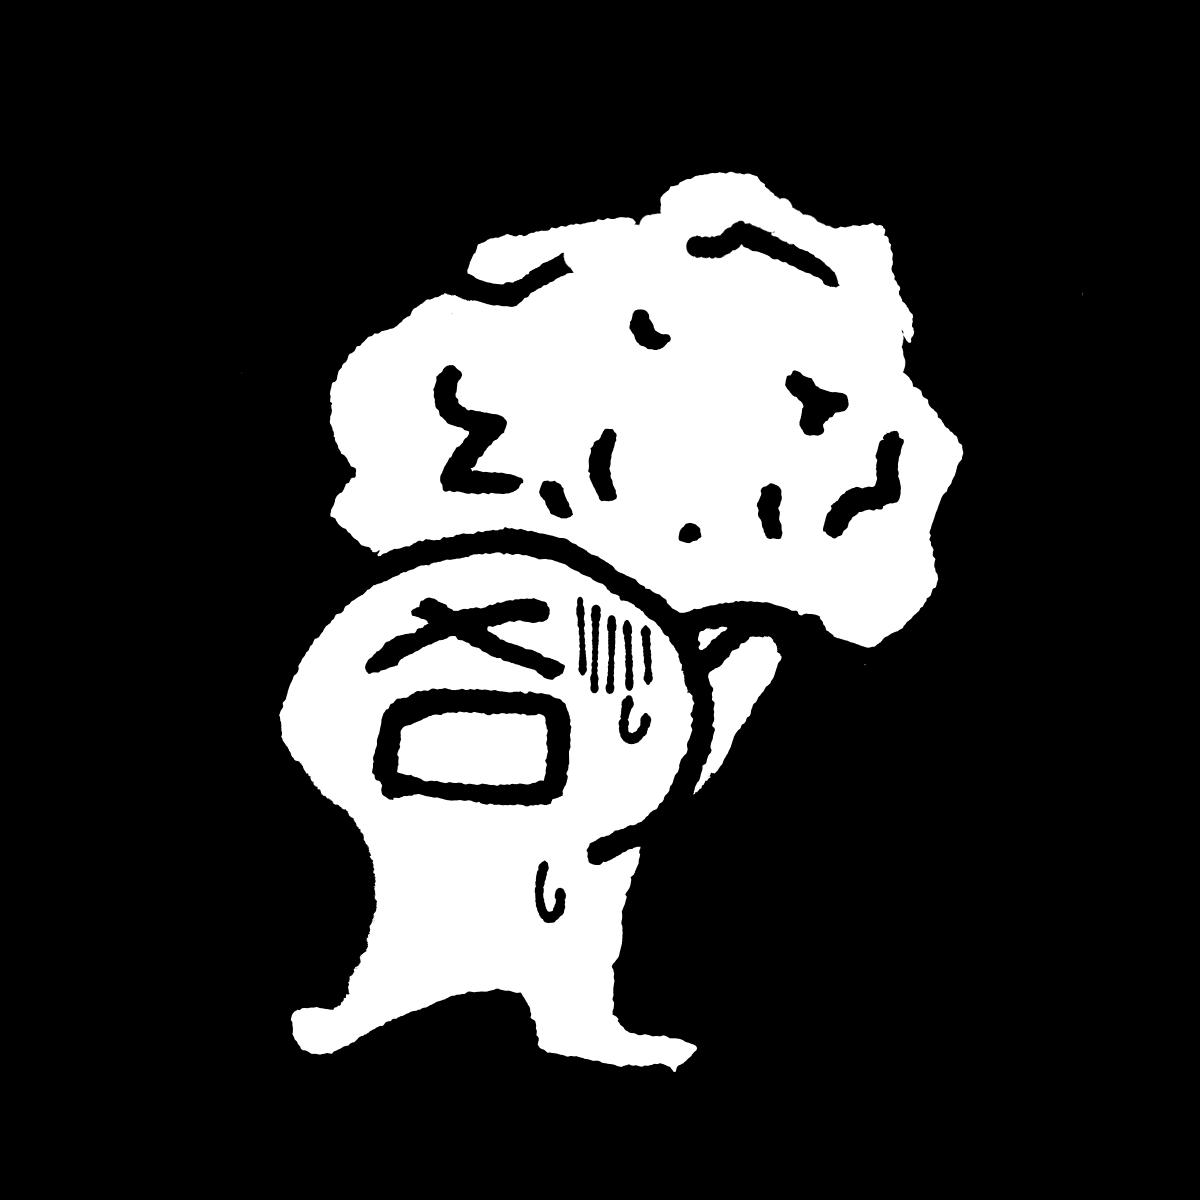 岩を持ち上げて震えるのイラスト Shake with a rock  Illustration